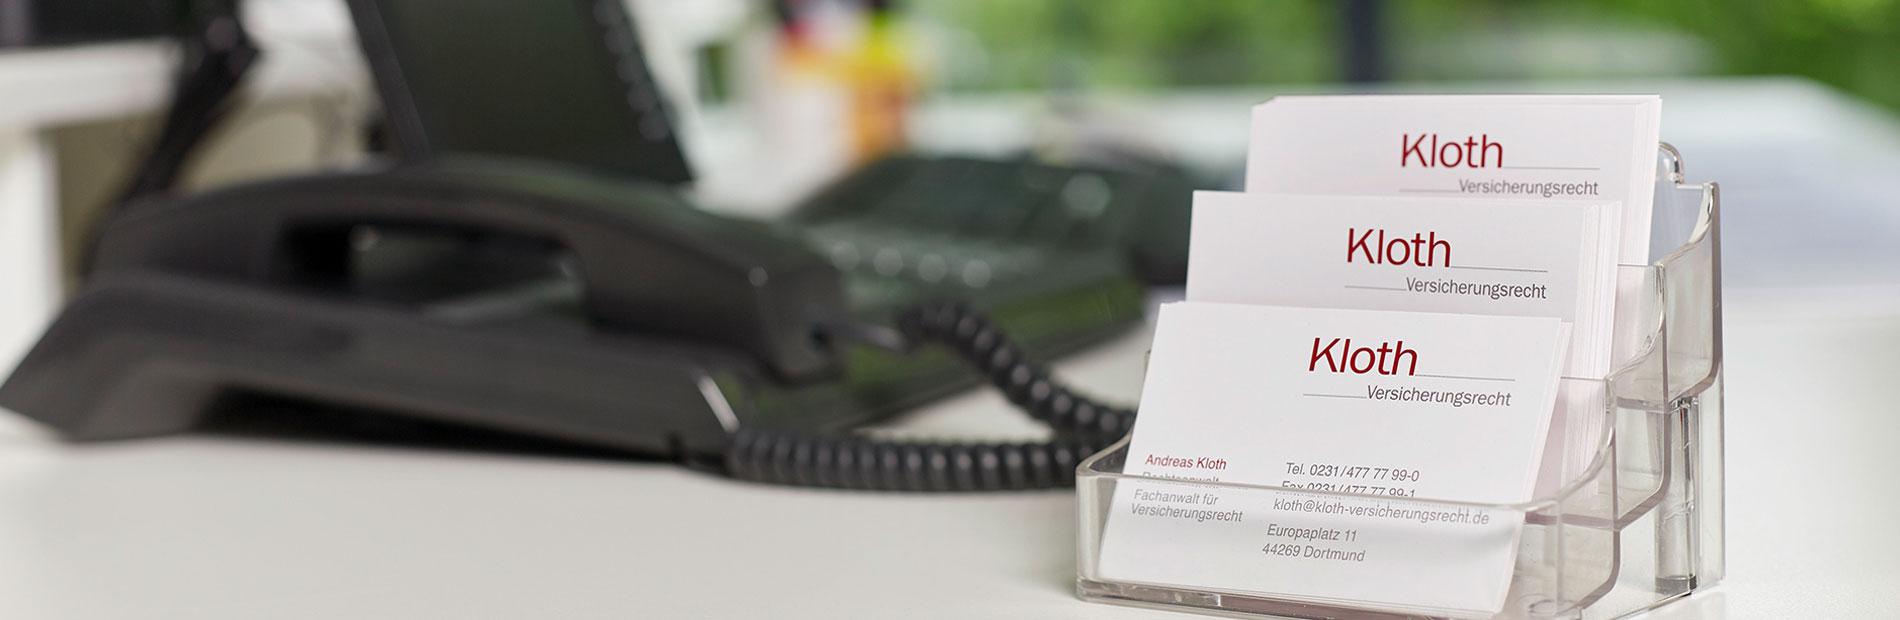 Visitenkarten und Telefon